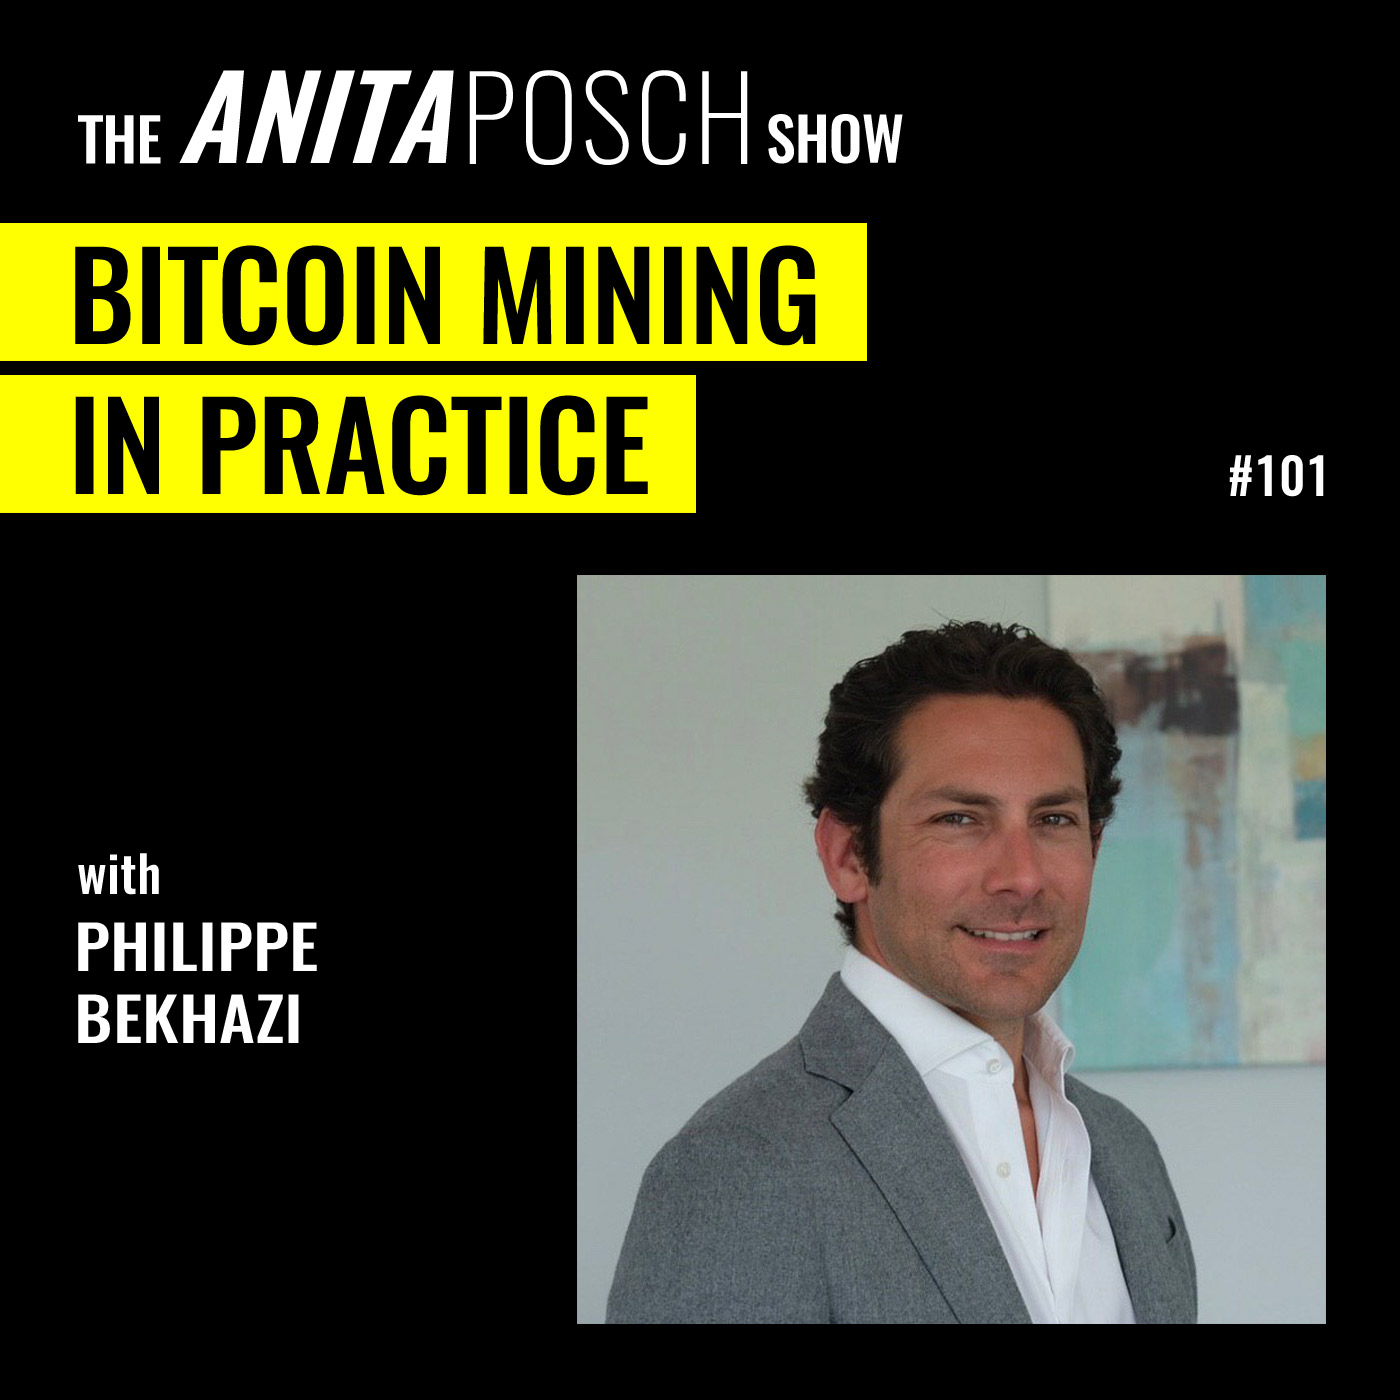 Bitcoin Mining Practice Philippe Bekhazi podcast